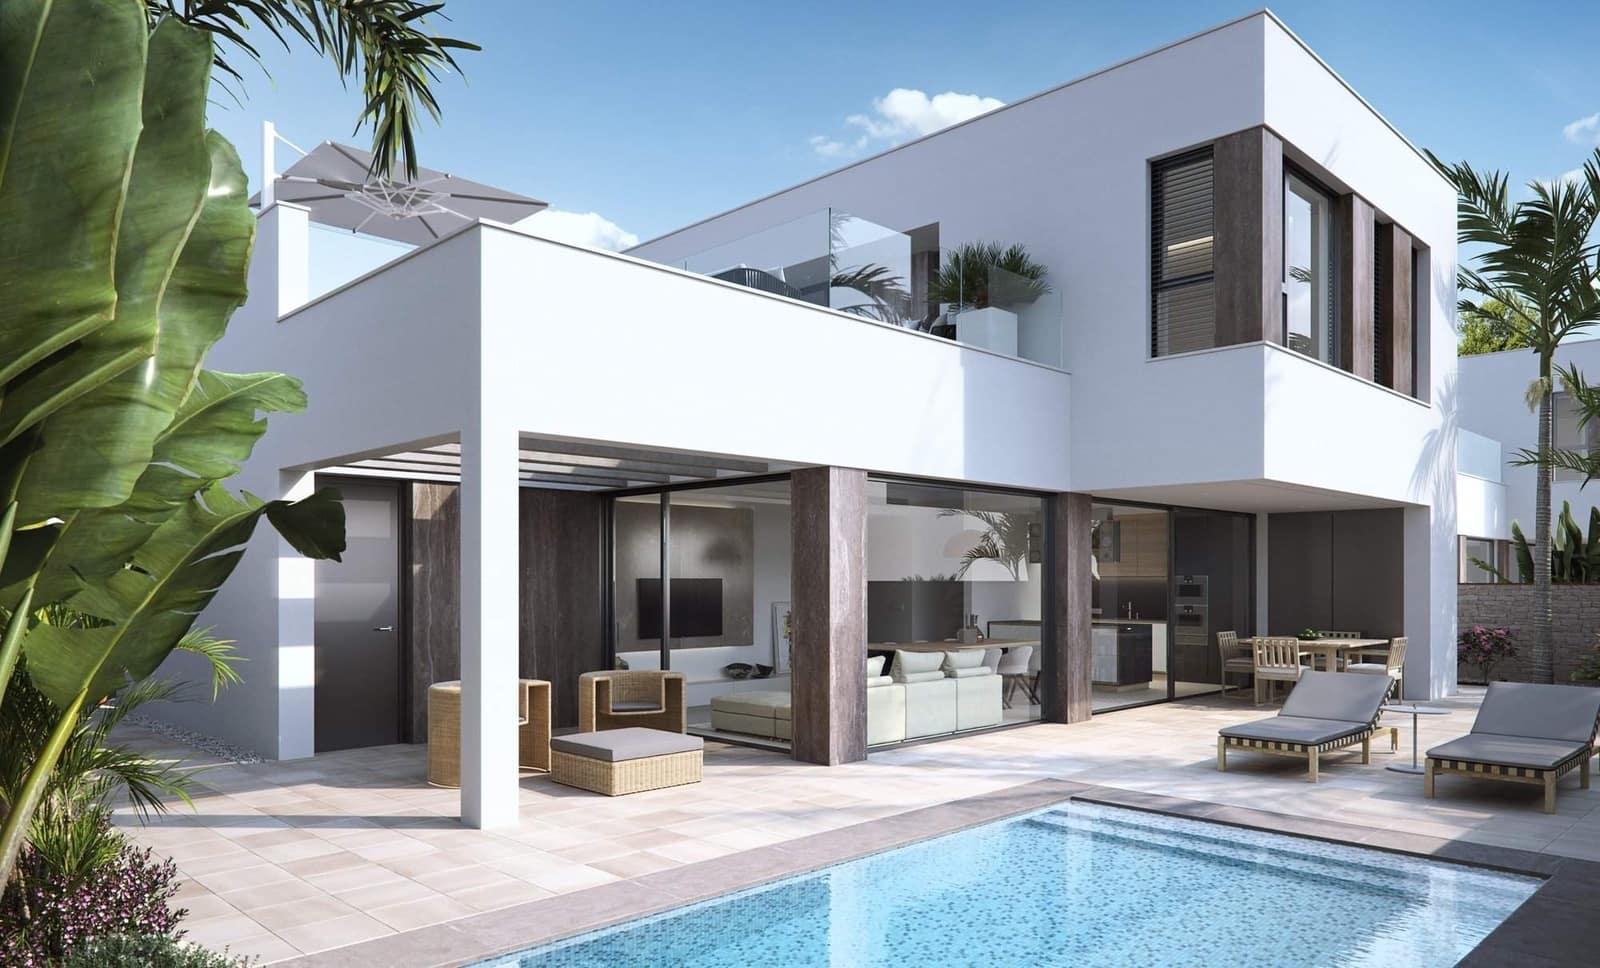 Chalet de 3 habitaciones en Pilar de la Horadada en venta - 790.000 € (Ref: 3777092)